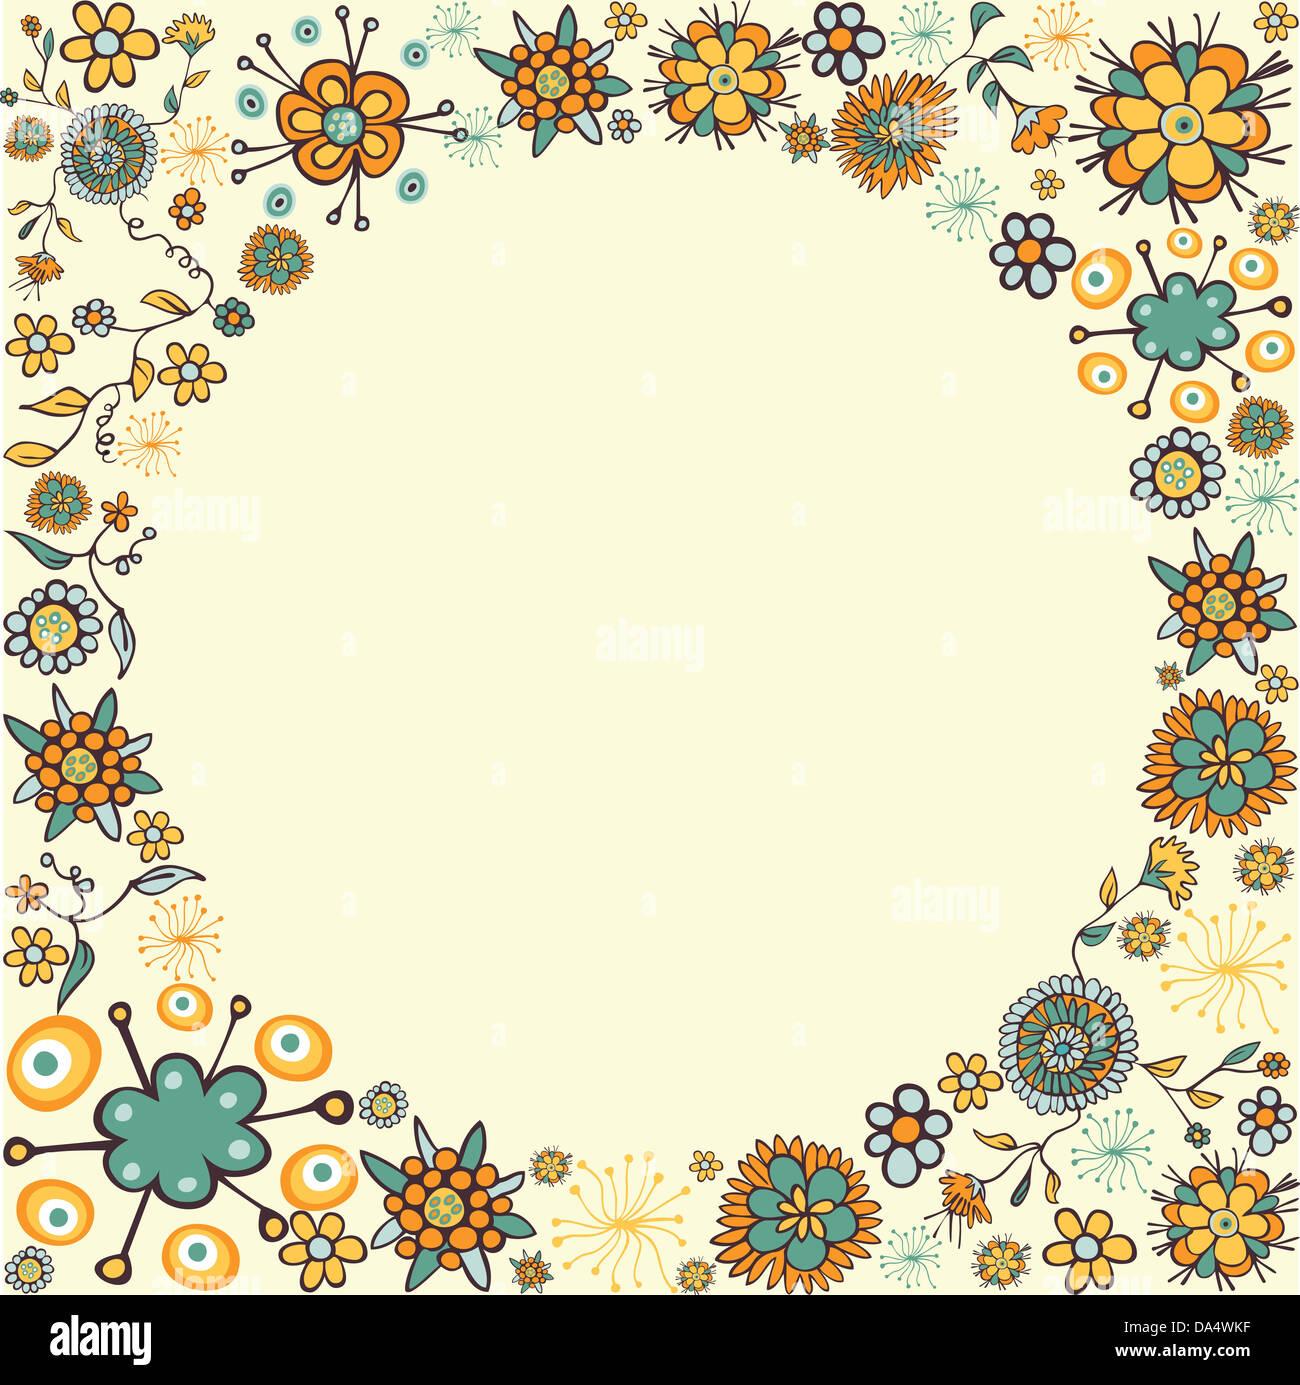 Dessiner à Main Couleur Composition De Fleurs De Lespace